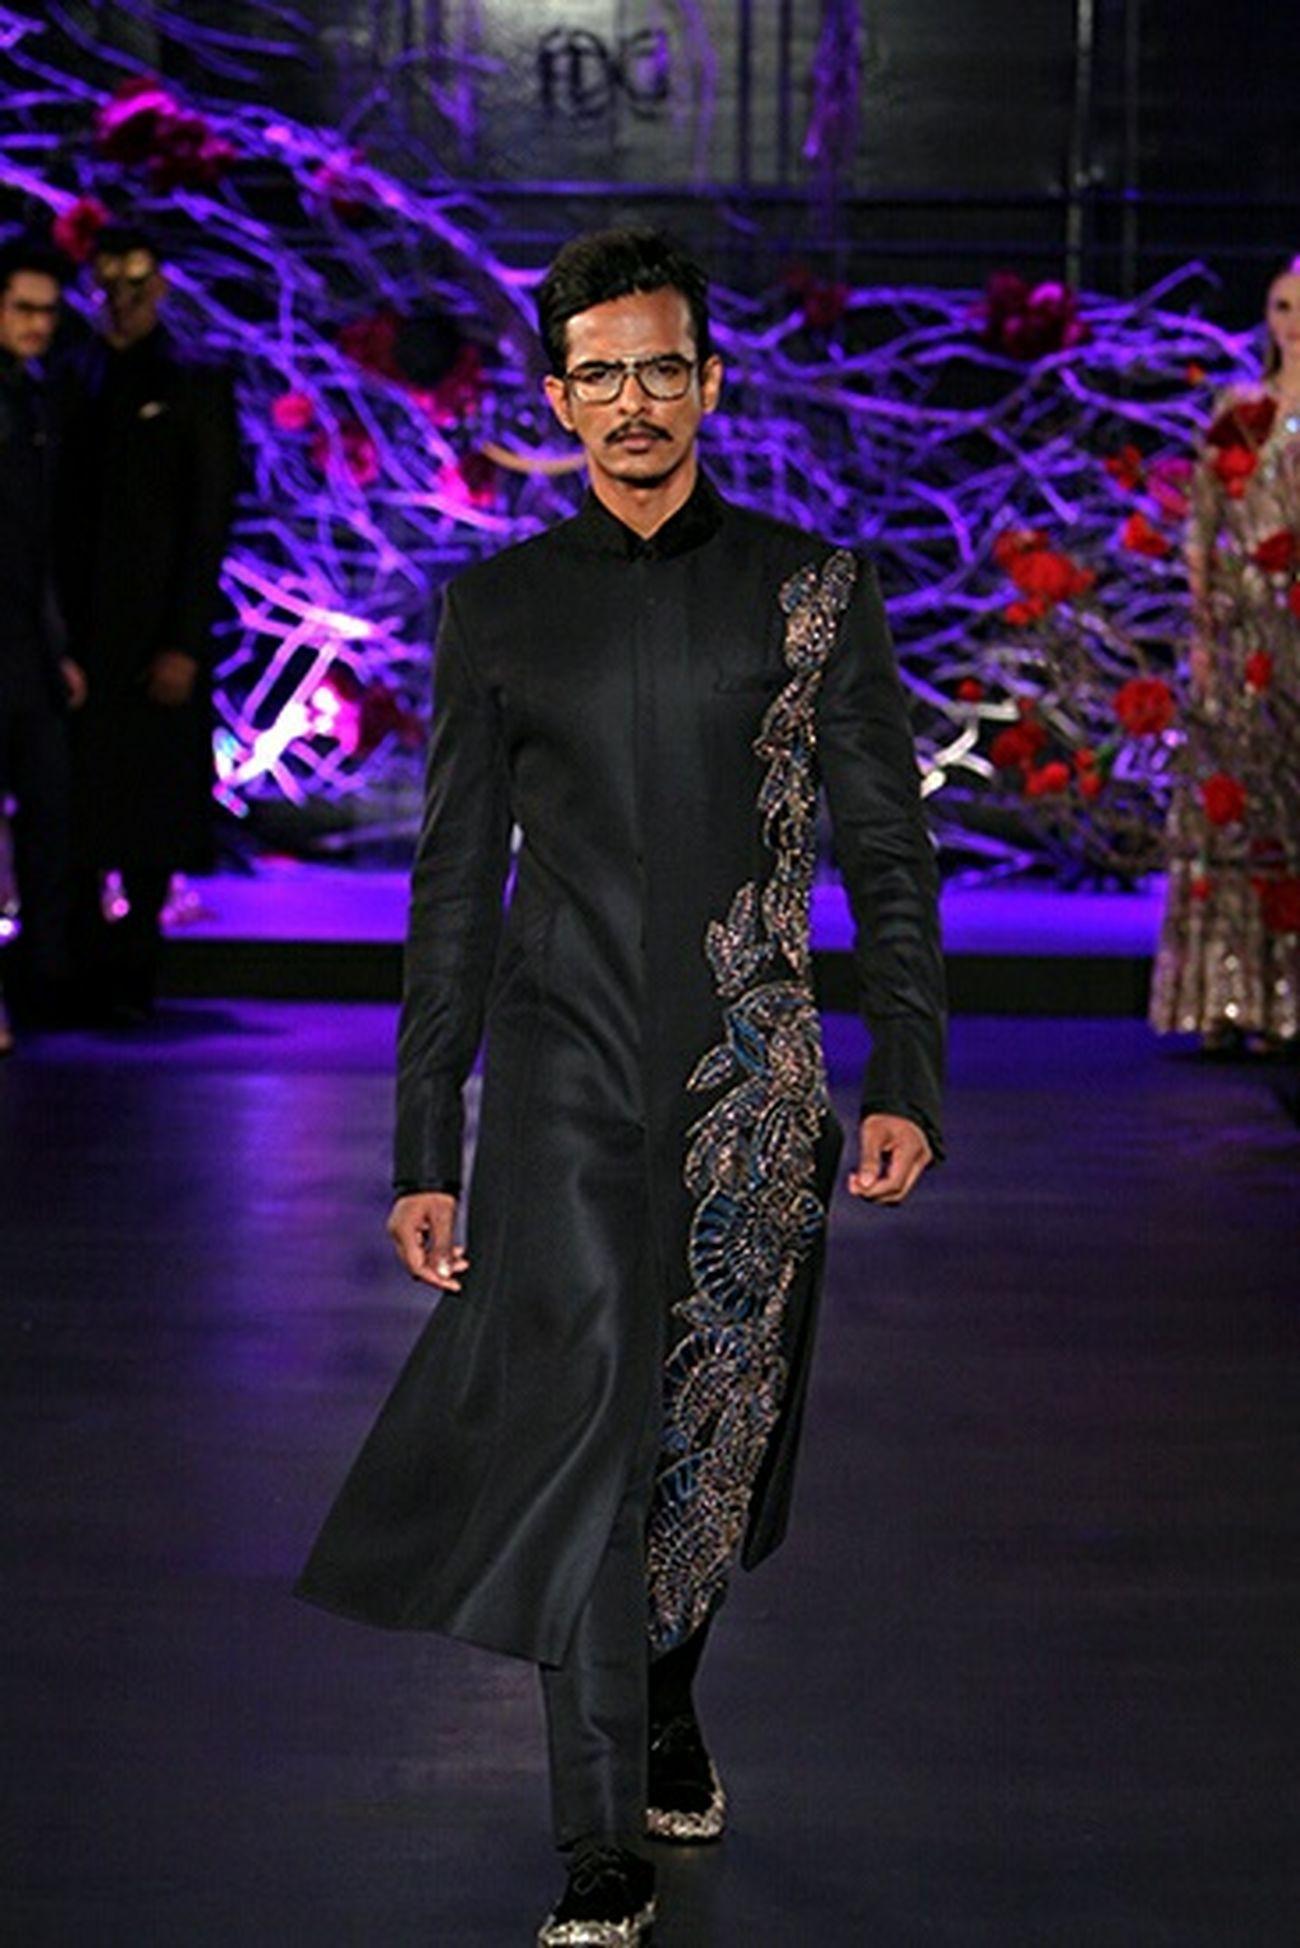 Designer - Manish Malhotra 'The Empress Story' Amazonindiacoutureweek AICW2015 Manish Malhotra Designer  Sunnykamble Fashion Mensfashion Model